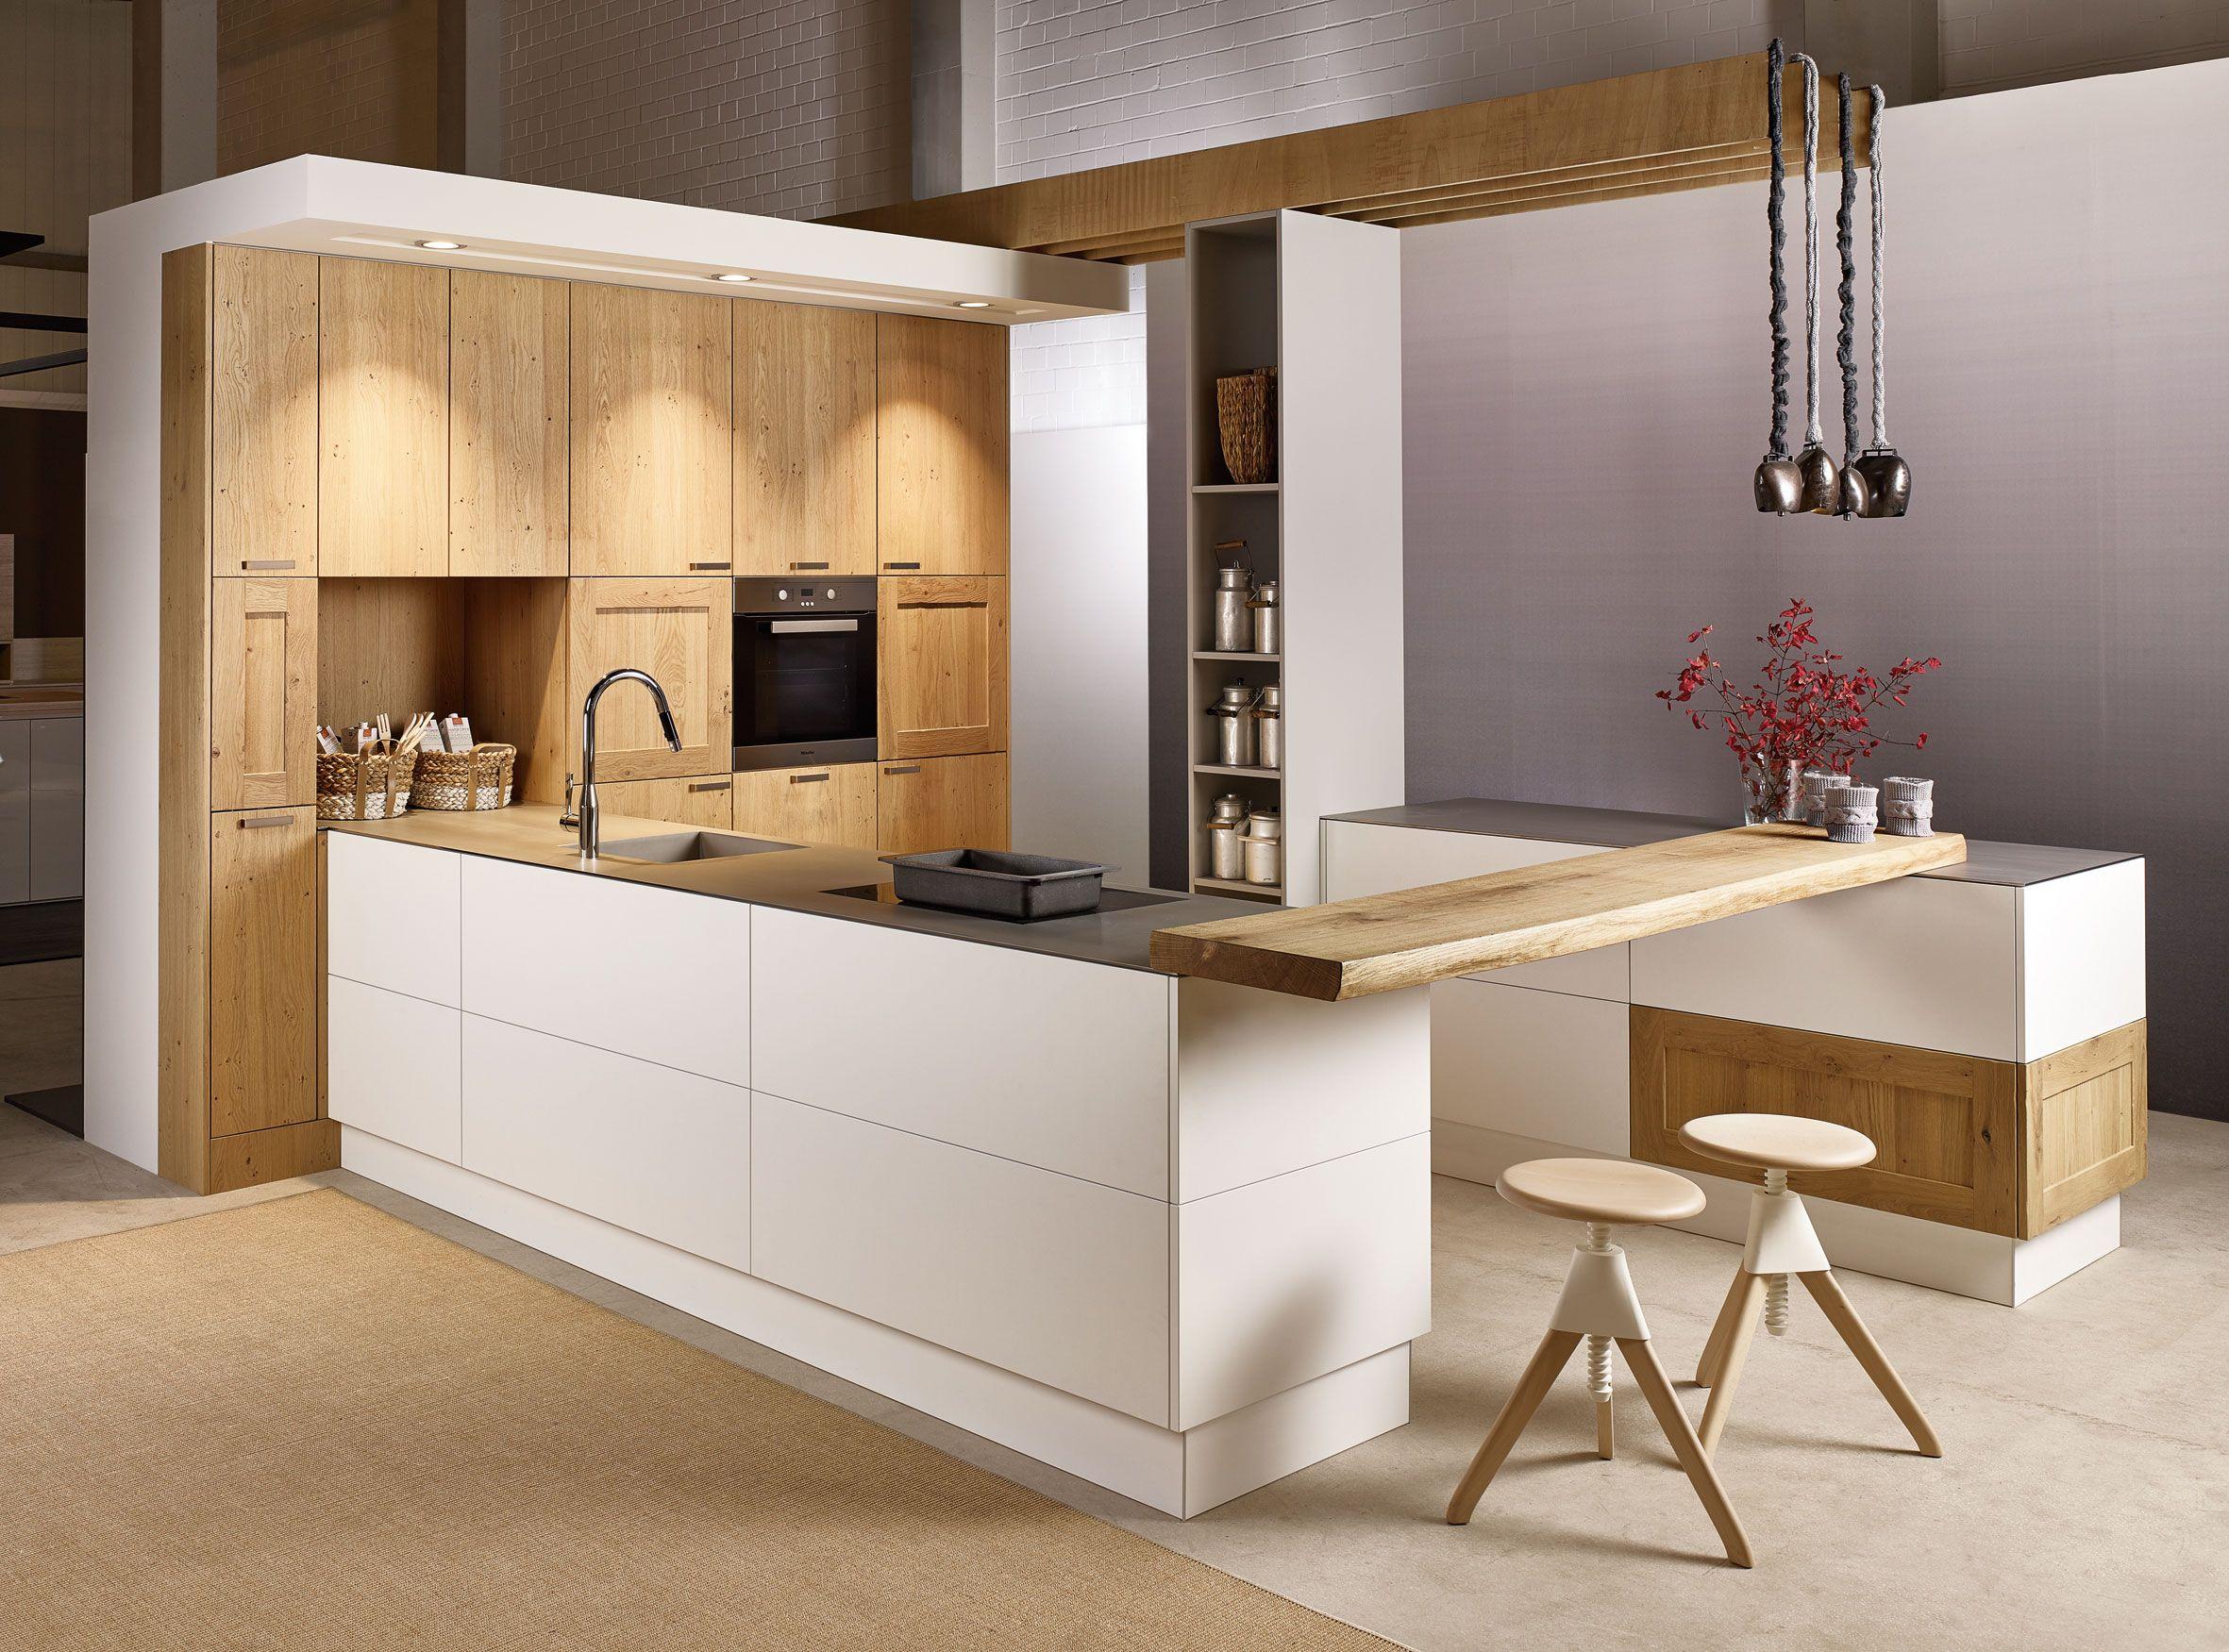 programm 67-190   wohnzimmermöbel weiß, küche direkt